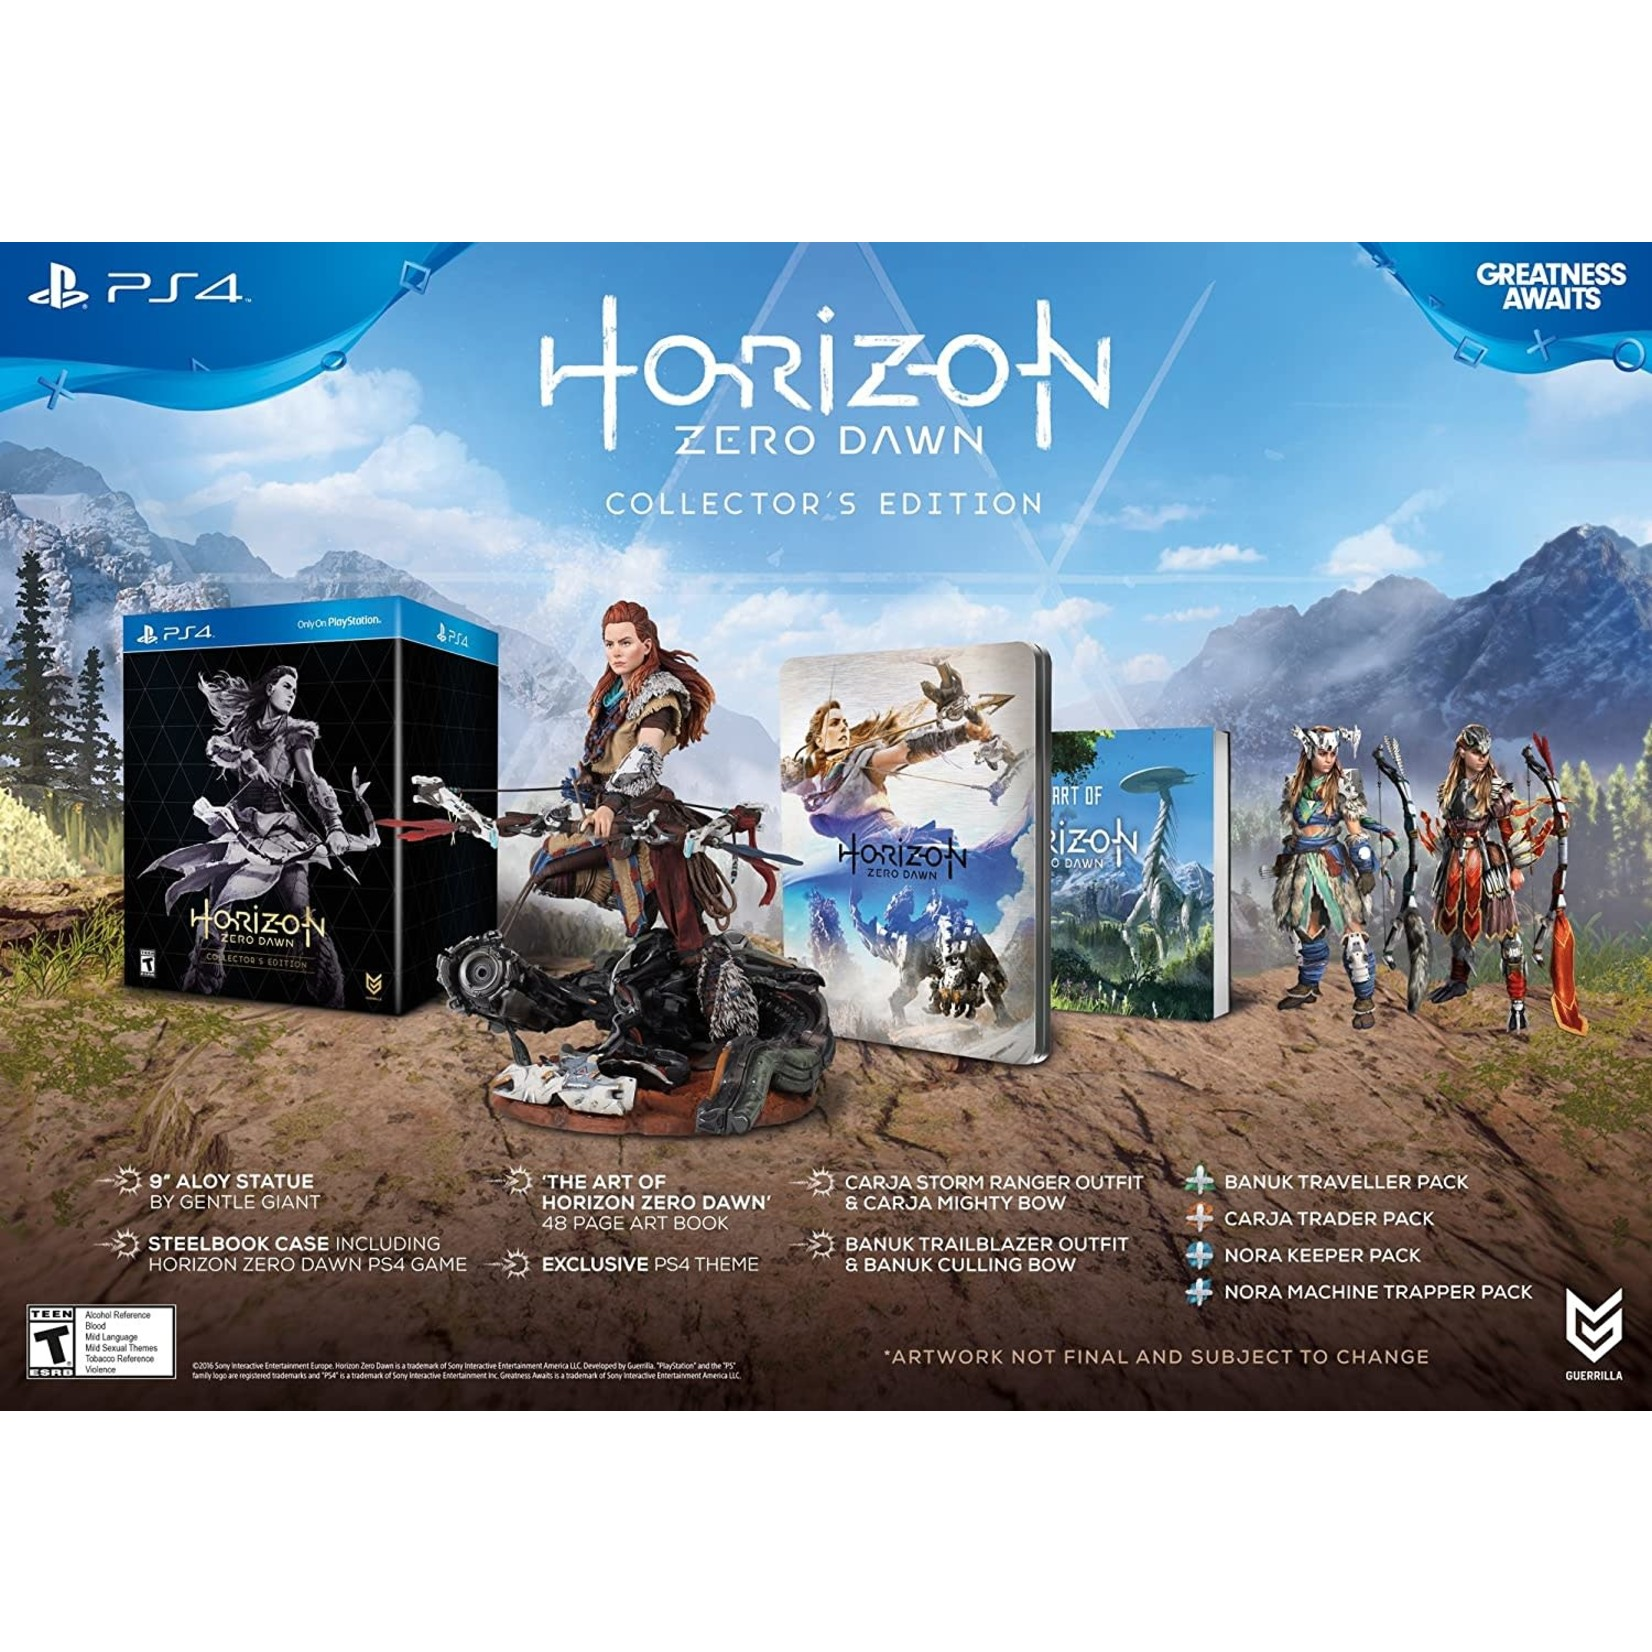 PS4-Horizon Zero Dawn Collector's Edition